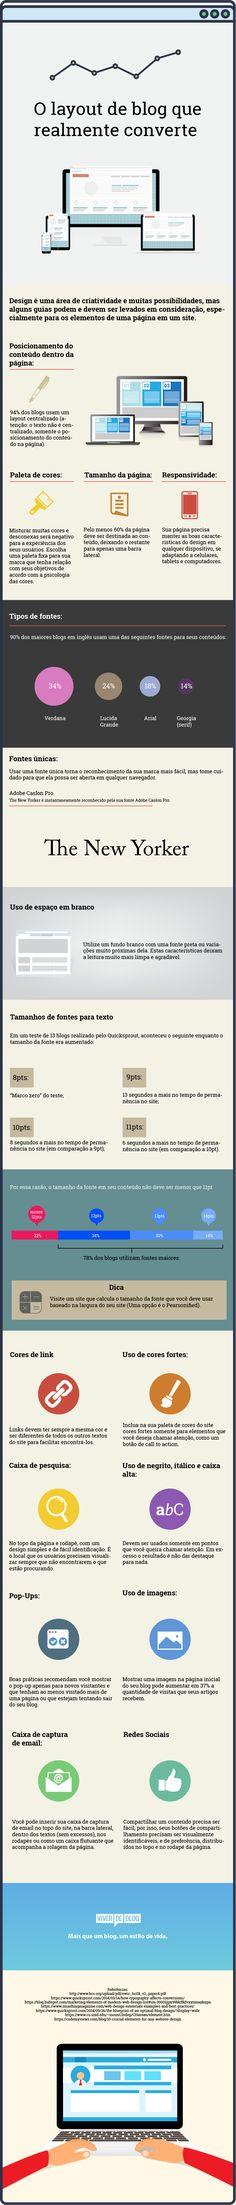 infografico-blog-design